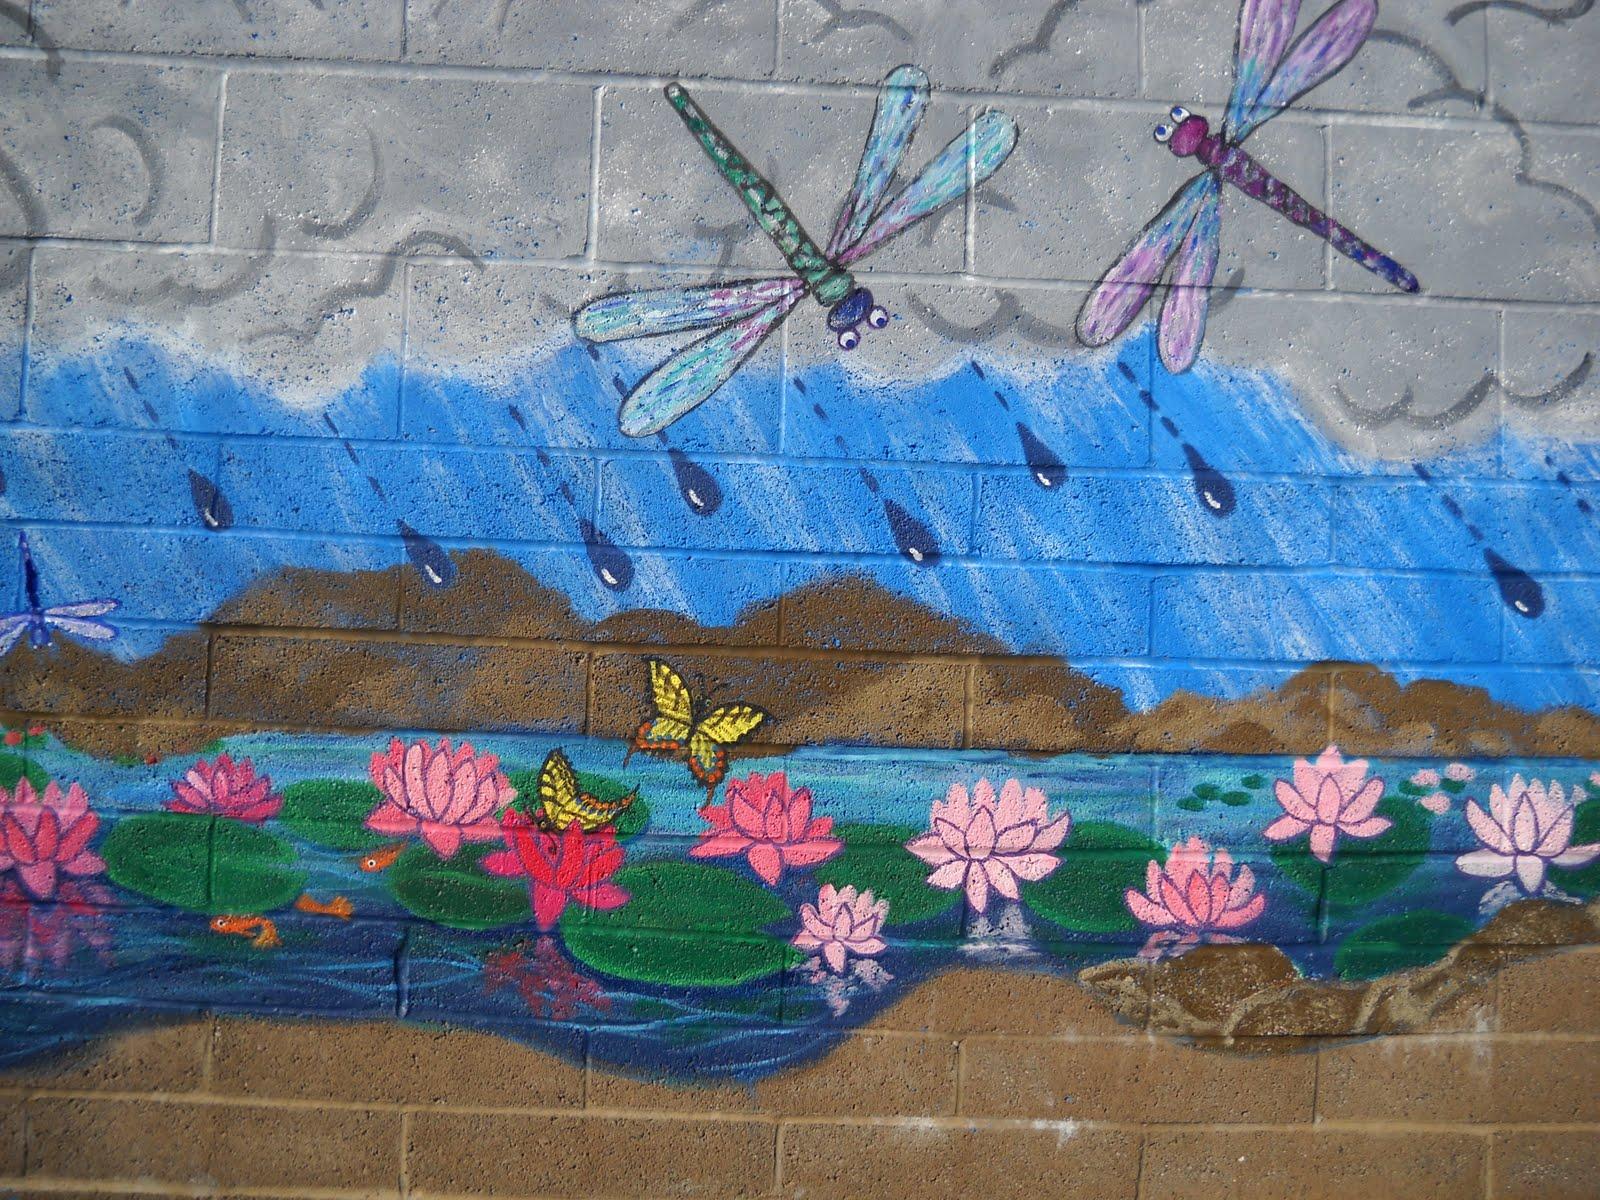 murals by juli ann mural examples